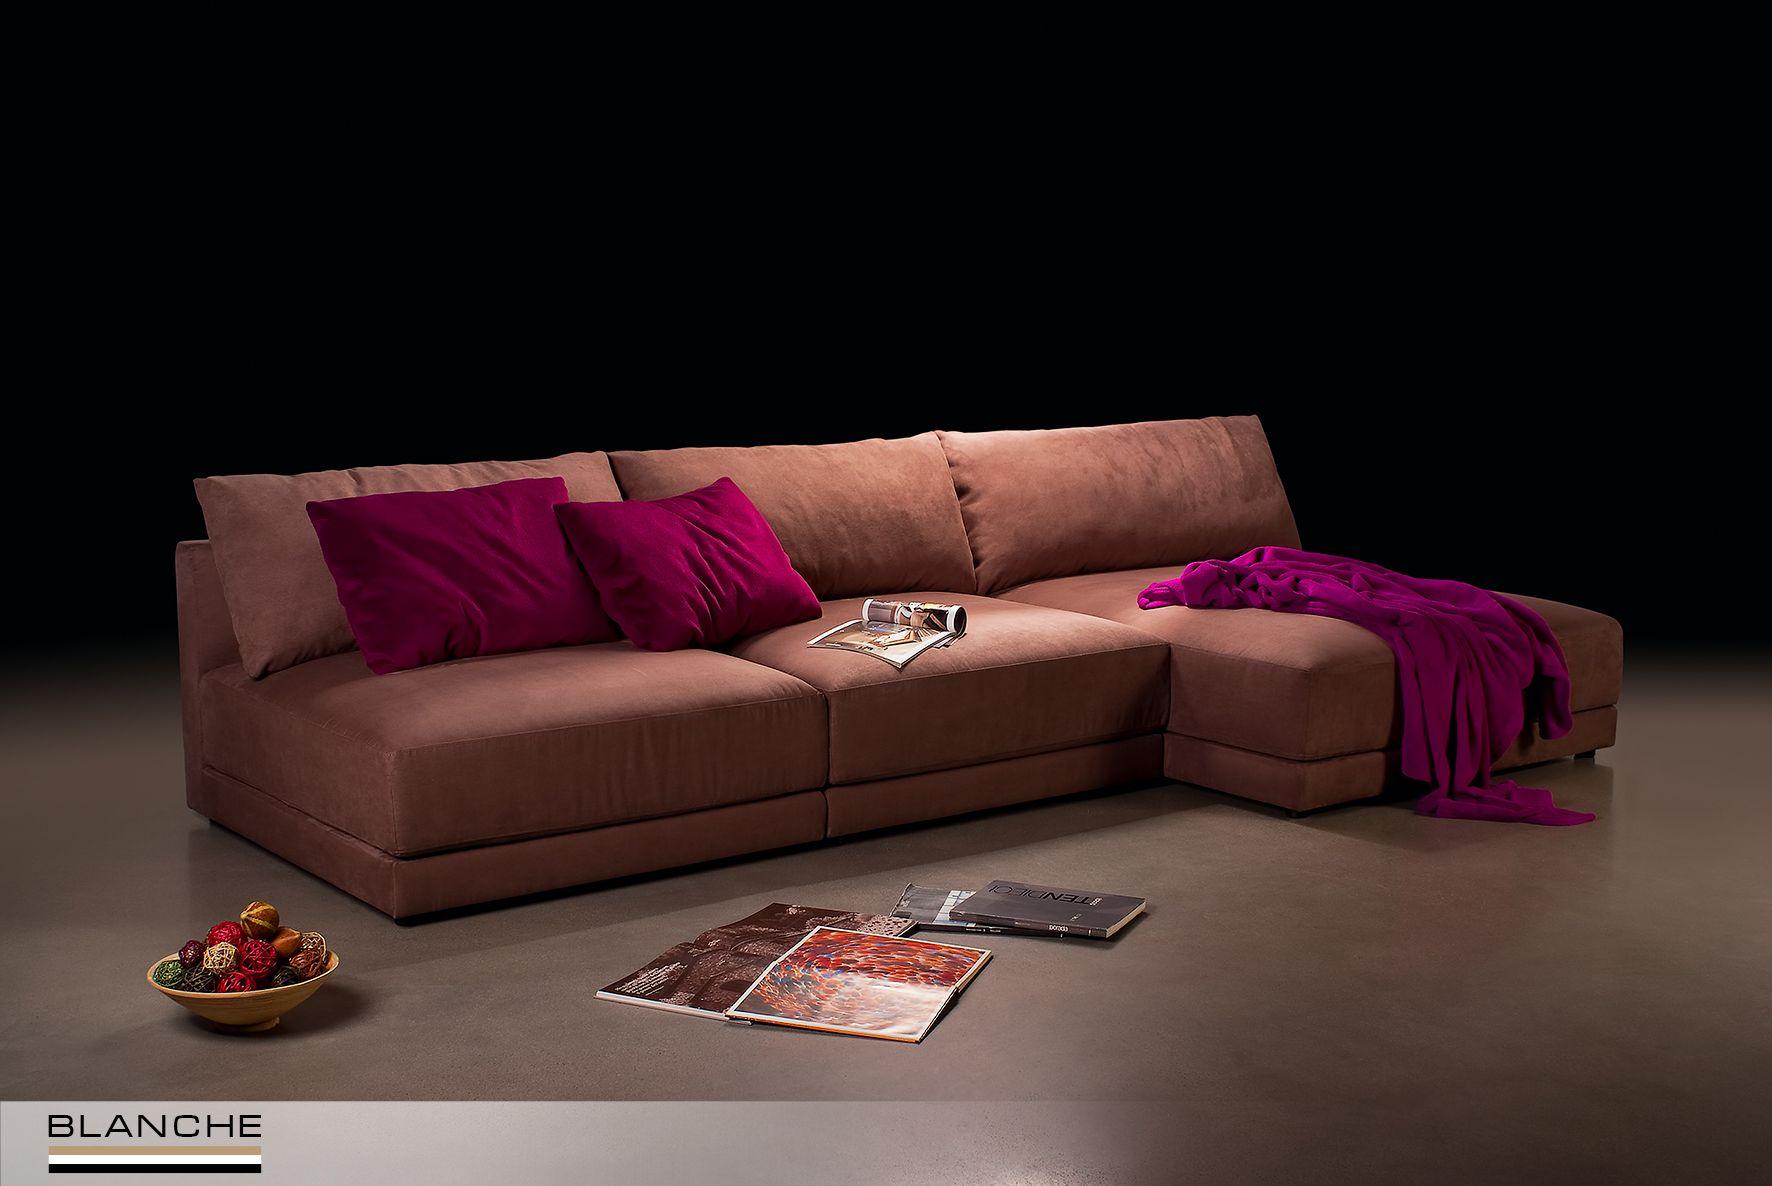 d833e2db782f Серийная модель KATARINA. Простые минималистичные формы дивана KATARINA  позволяют легко экспериментировать с различными фактурами и